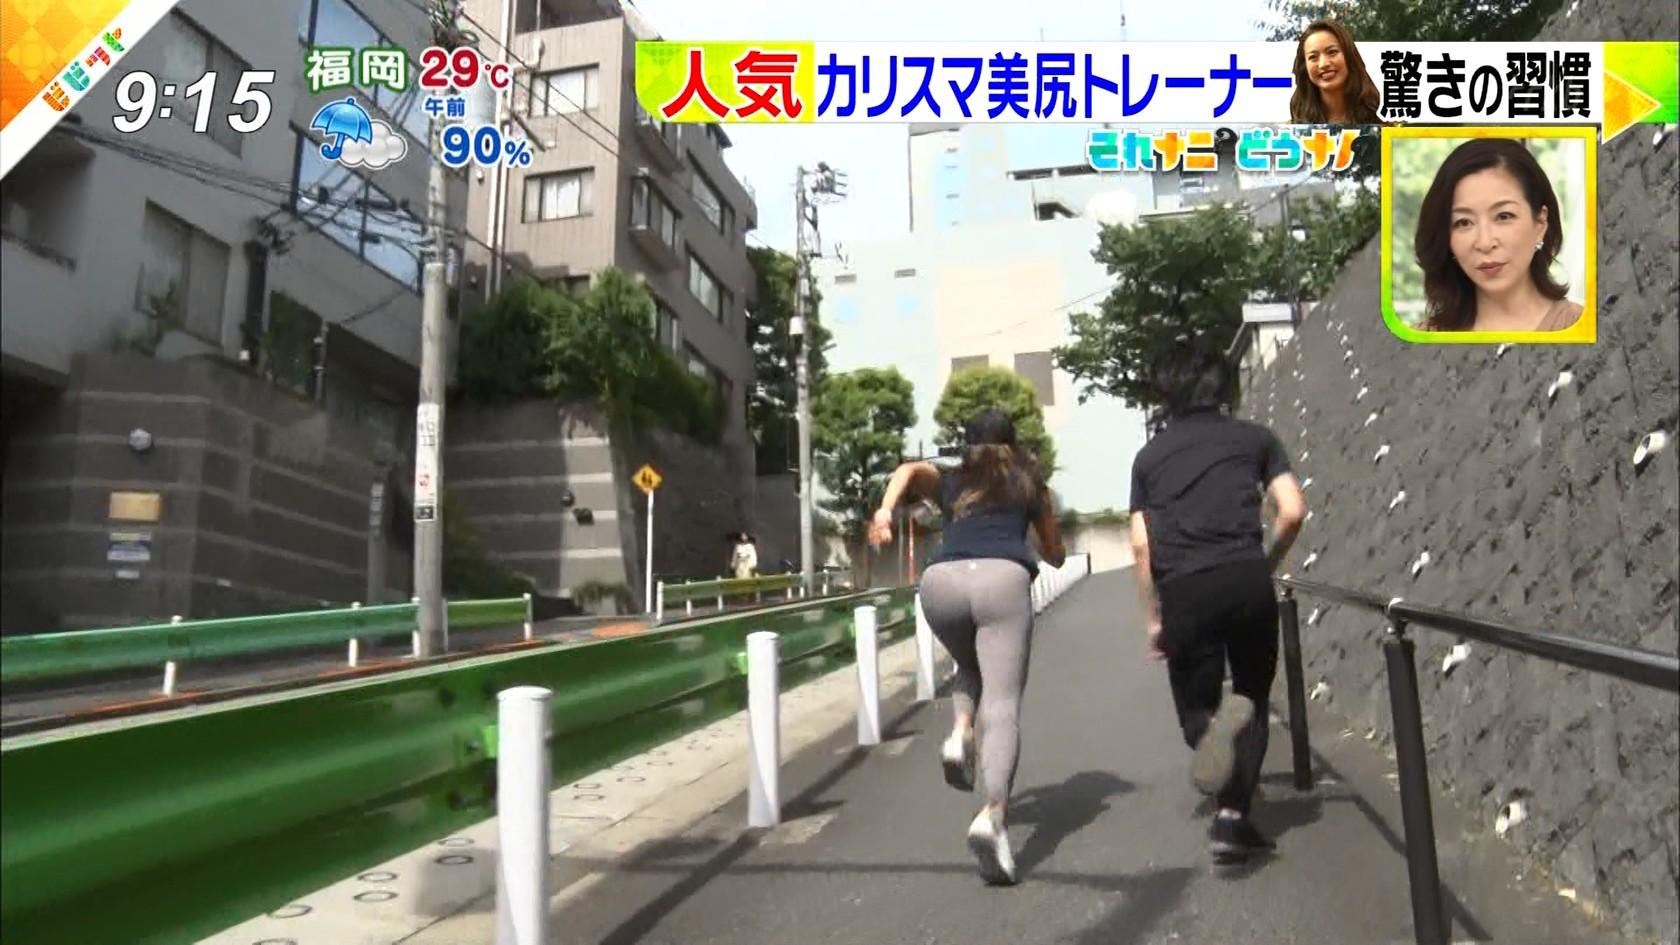 岡部友_美尻_スパッツ_テレビキャプ画像_21